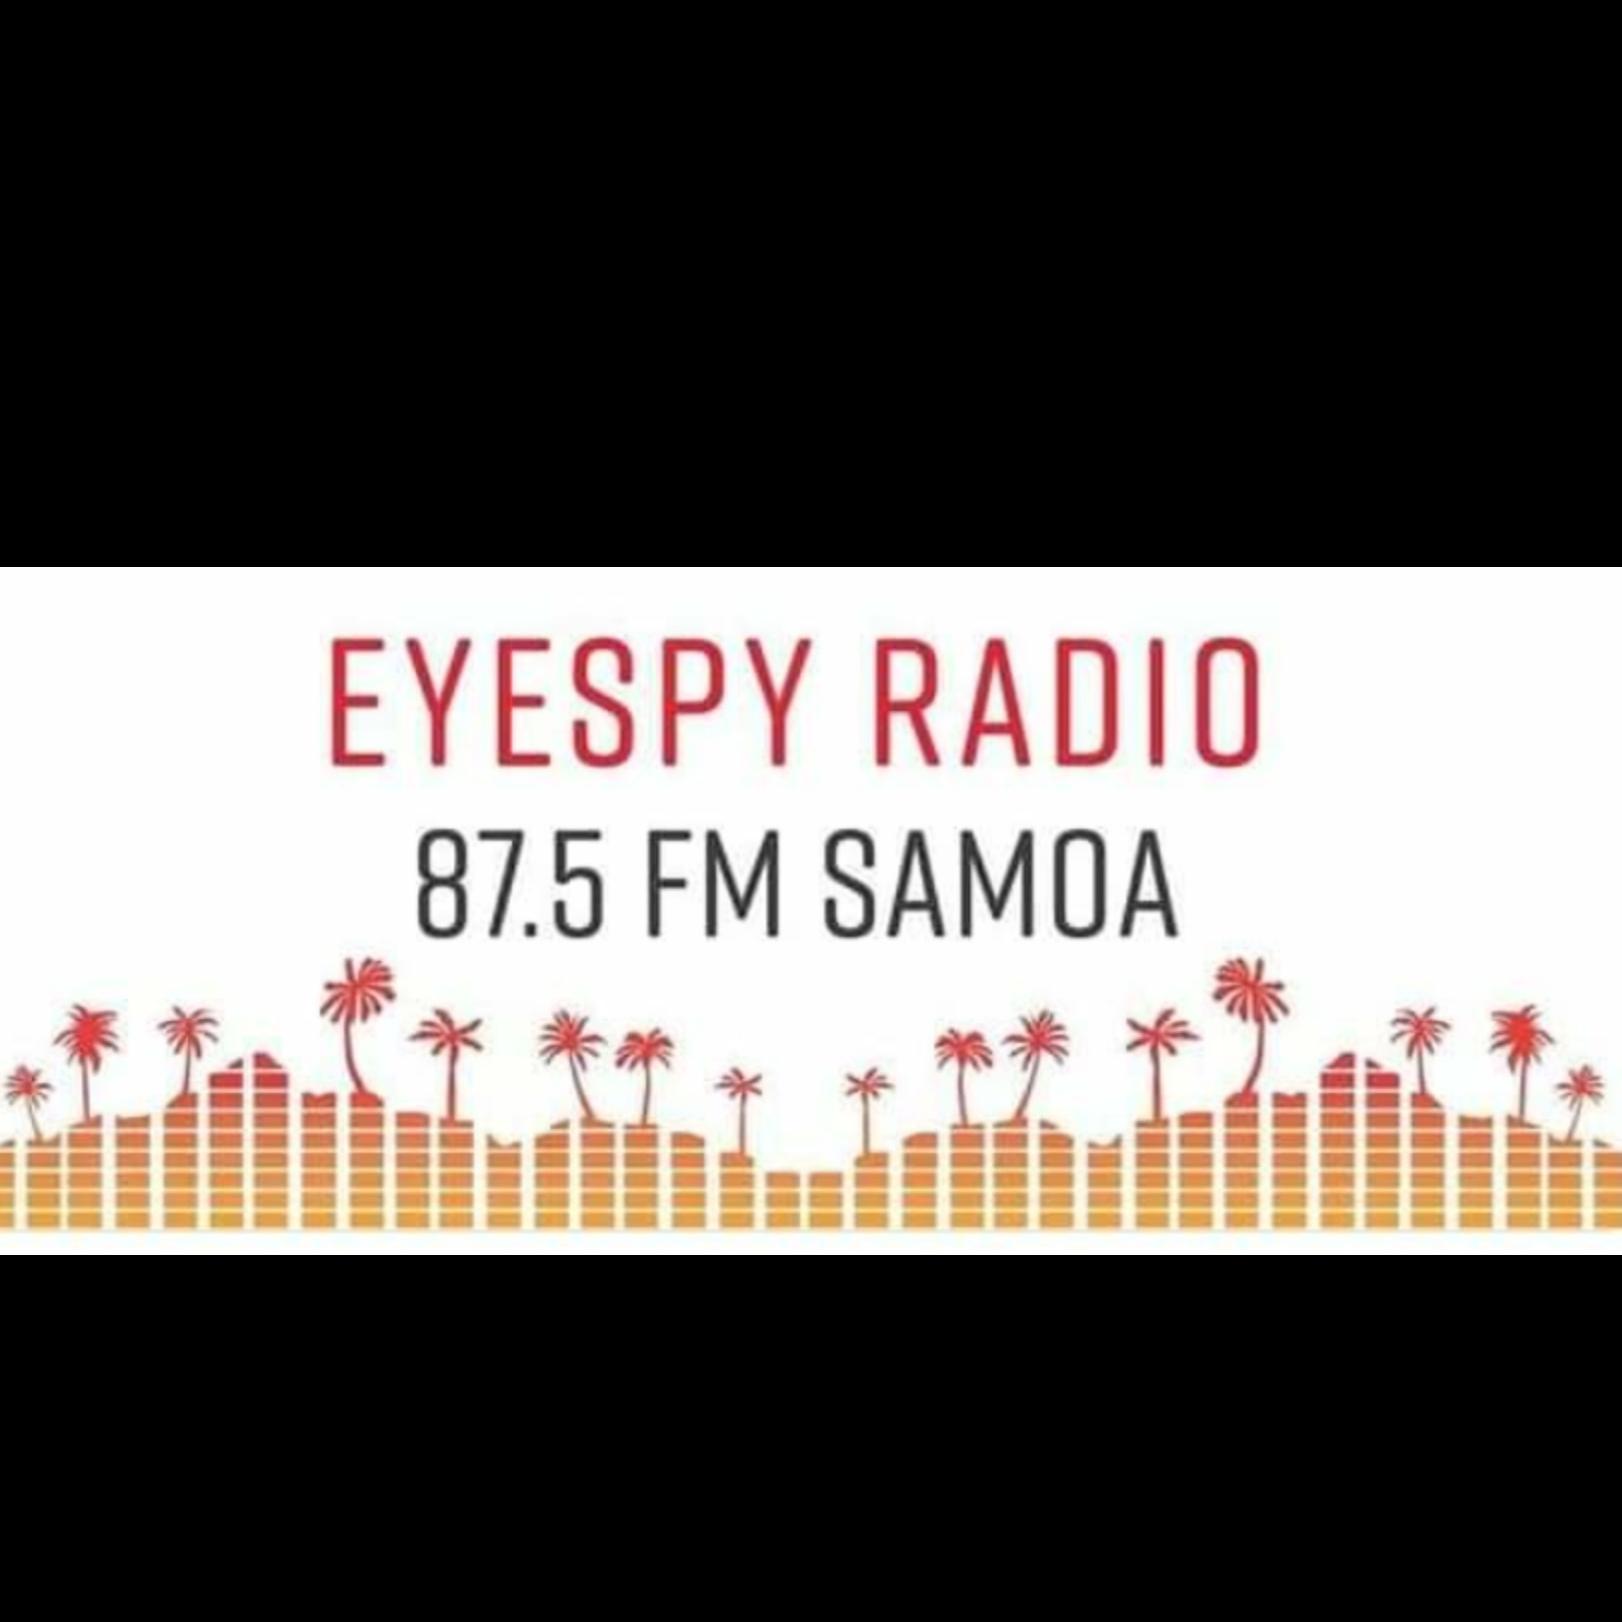 EYESPY RADIO